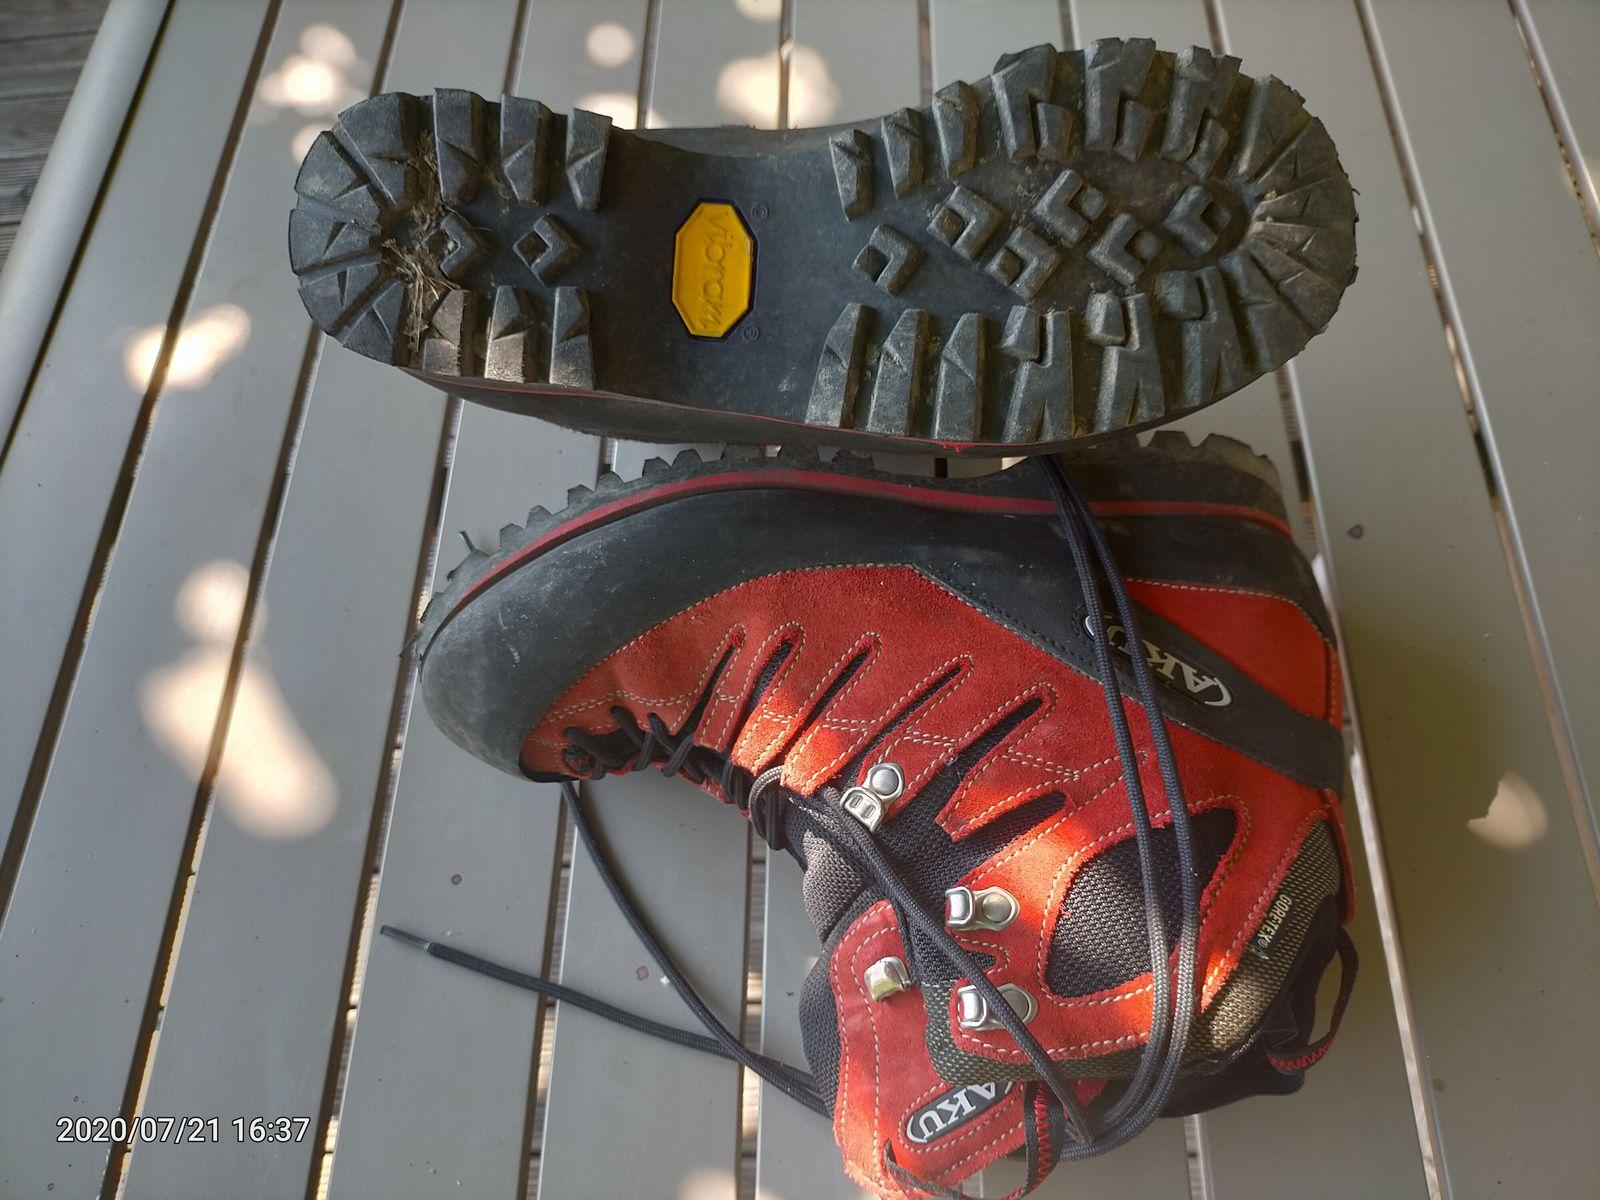 1 paires de Chaussures de randonnée technique , semelle Vibram et doublure Goretex. Paire utilisée 2/3 fois 7 Uk , 41. Prix: 80€